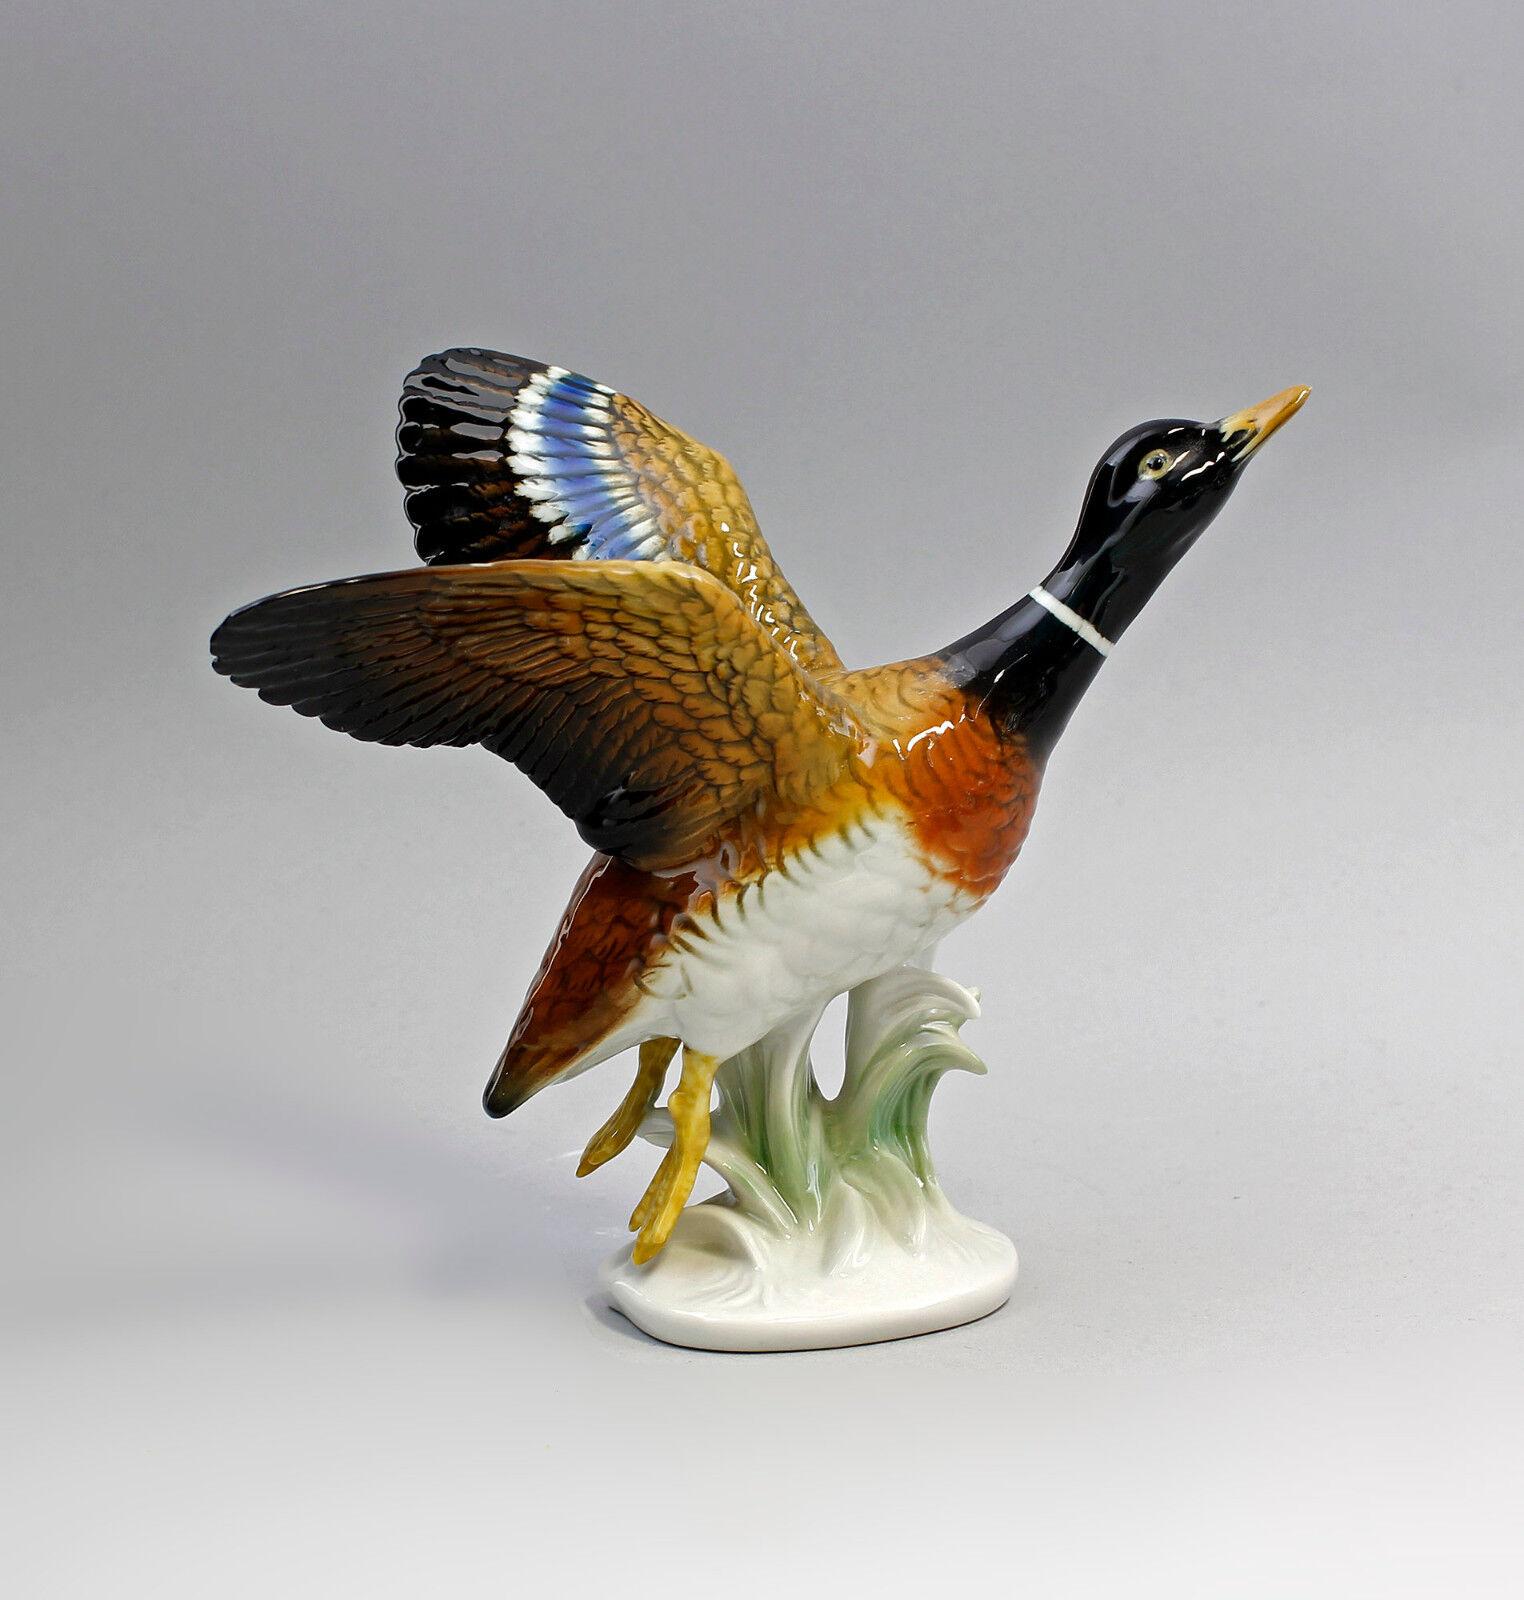 PORCELLANA PERSONAGGIO PAPERA volando Erpel uccelli ENS h16cm 9997748